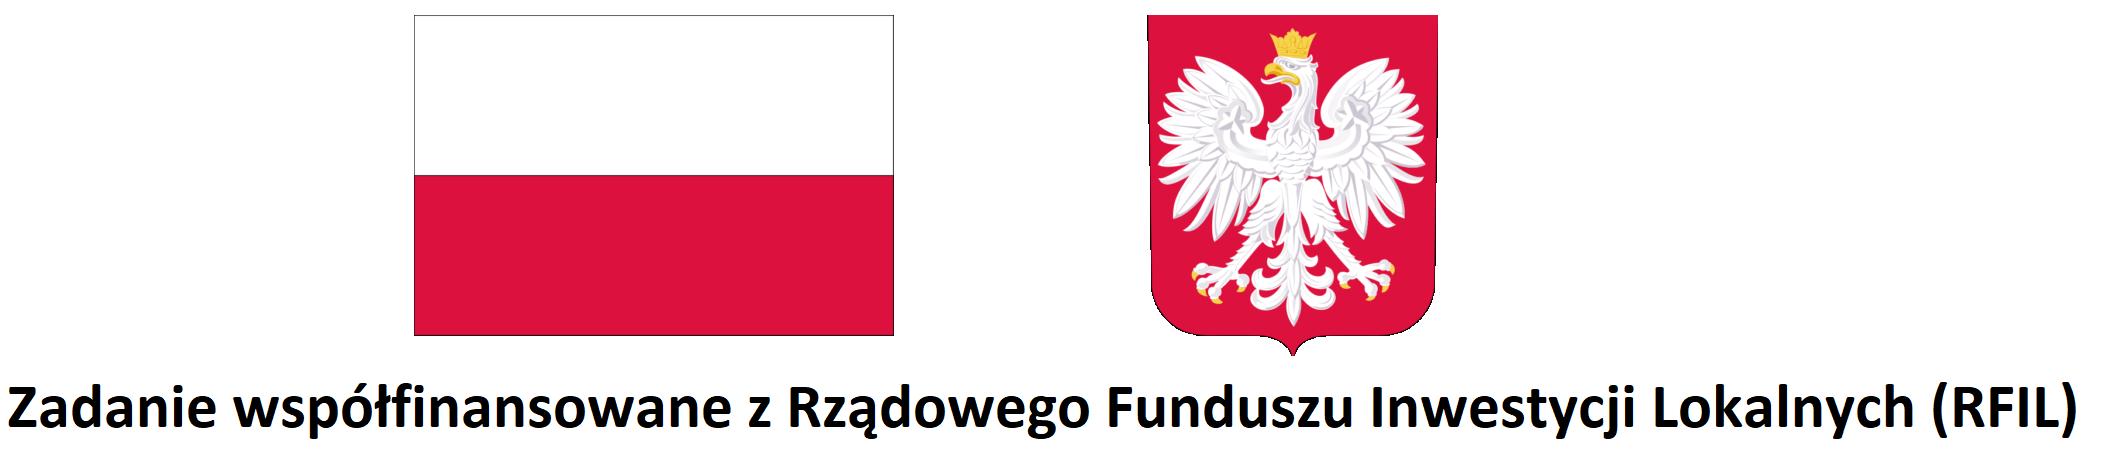 Zadanie współfinansowane z Rządowego Funduszu Inwestycji Lokalnych (RFIL)